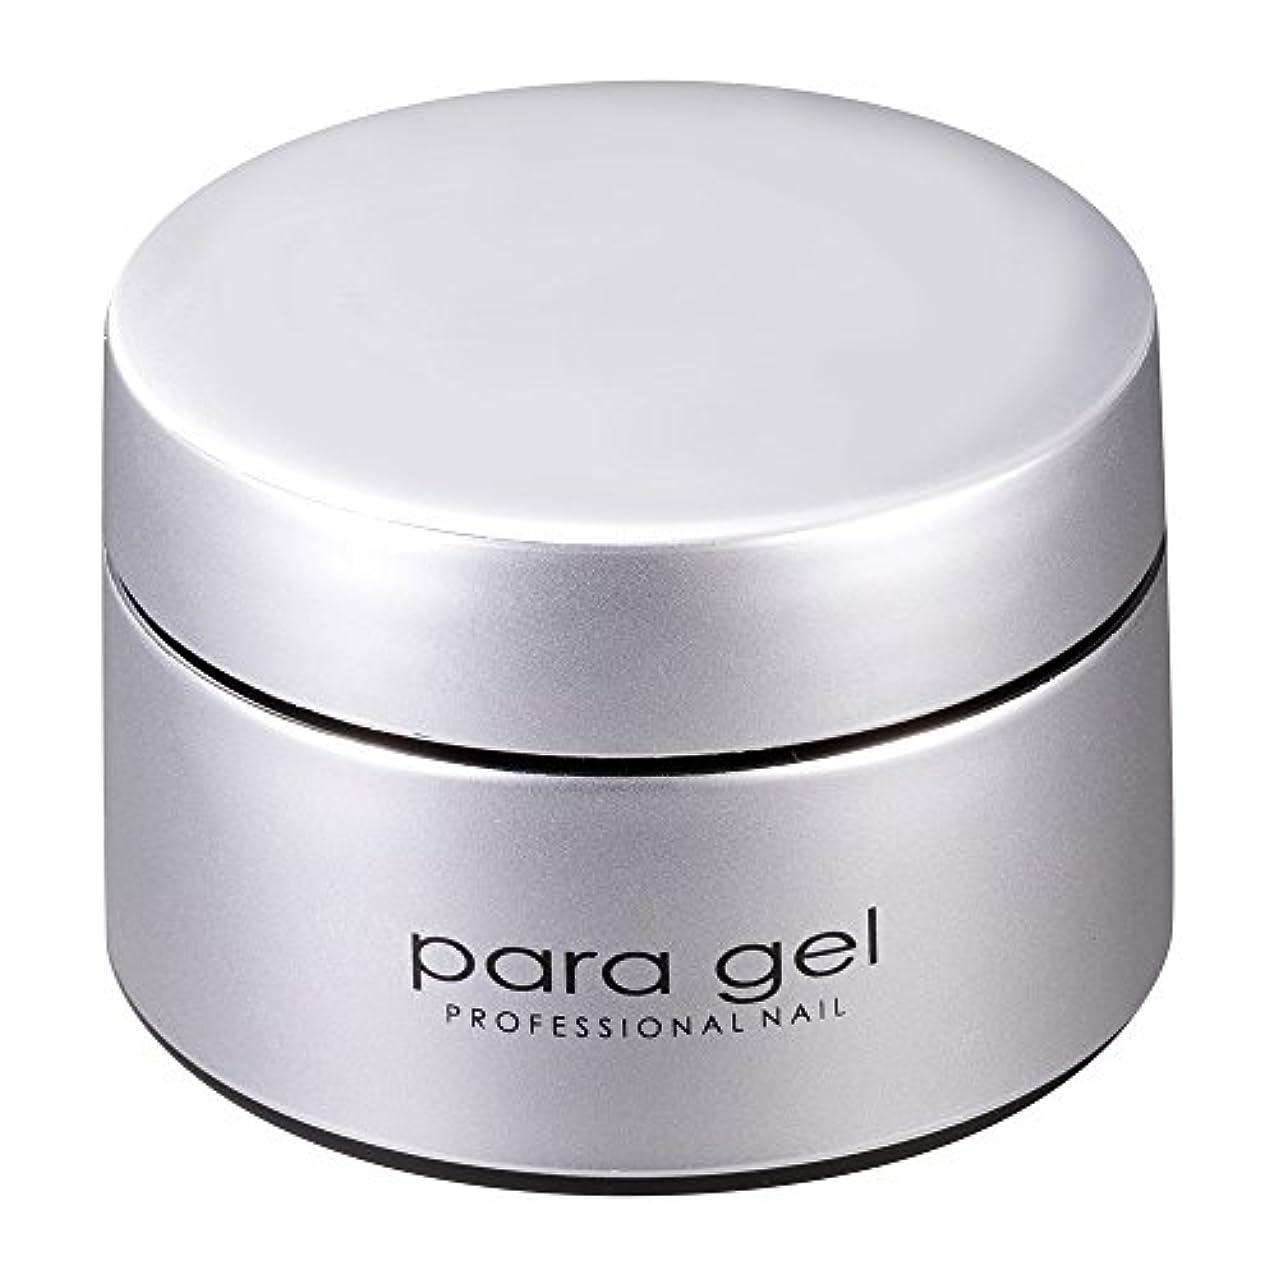 同封するする必要がある分析的para gel カラージェル DD02 ダークレッド 2g